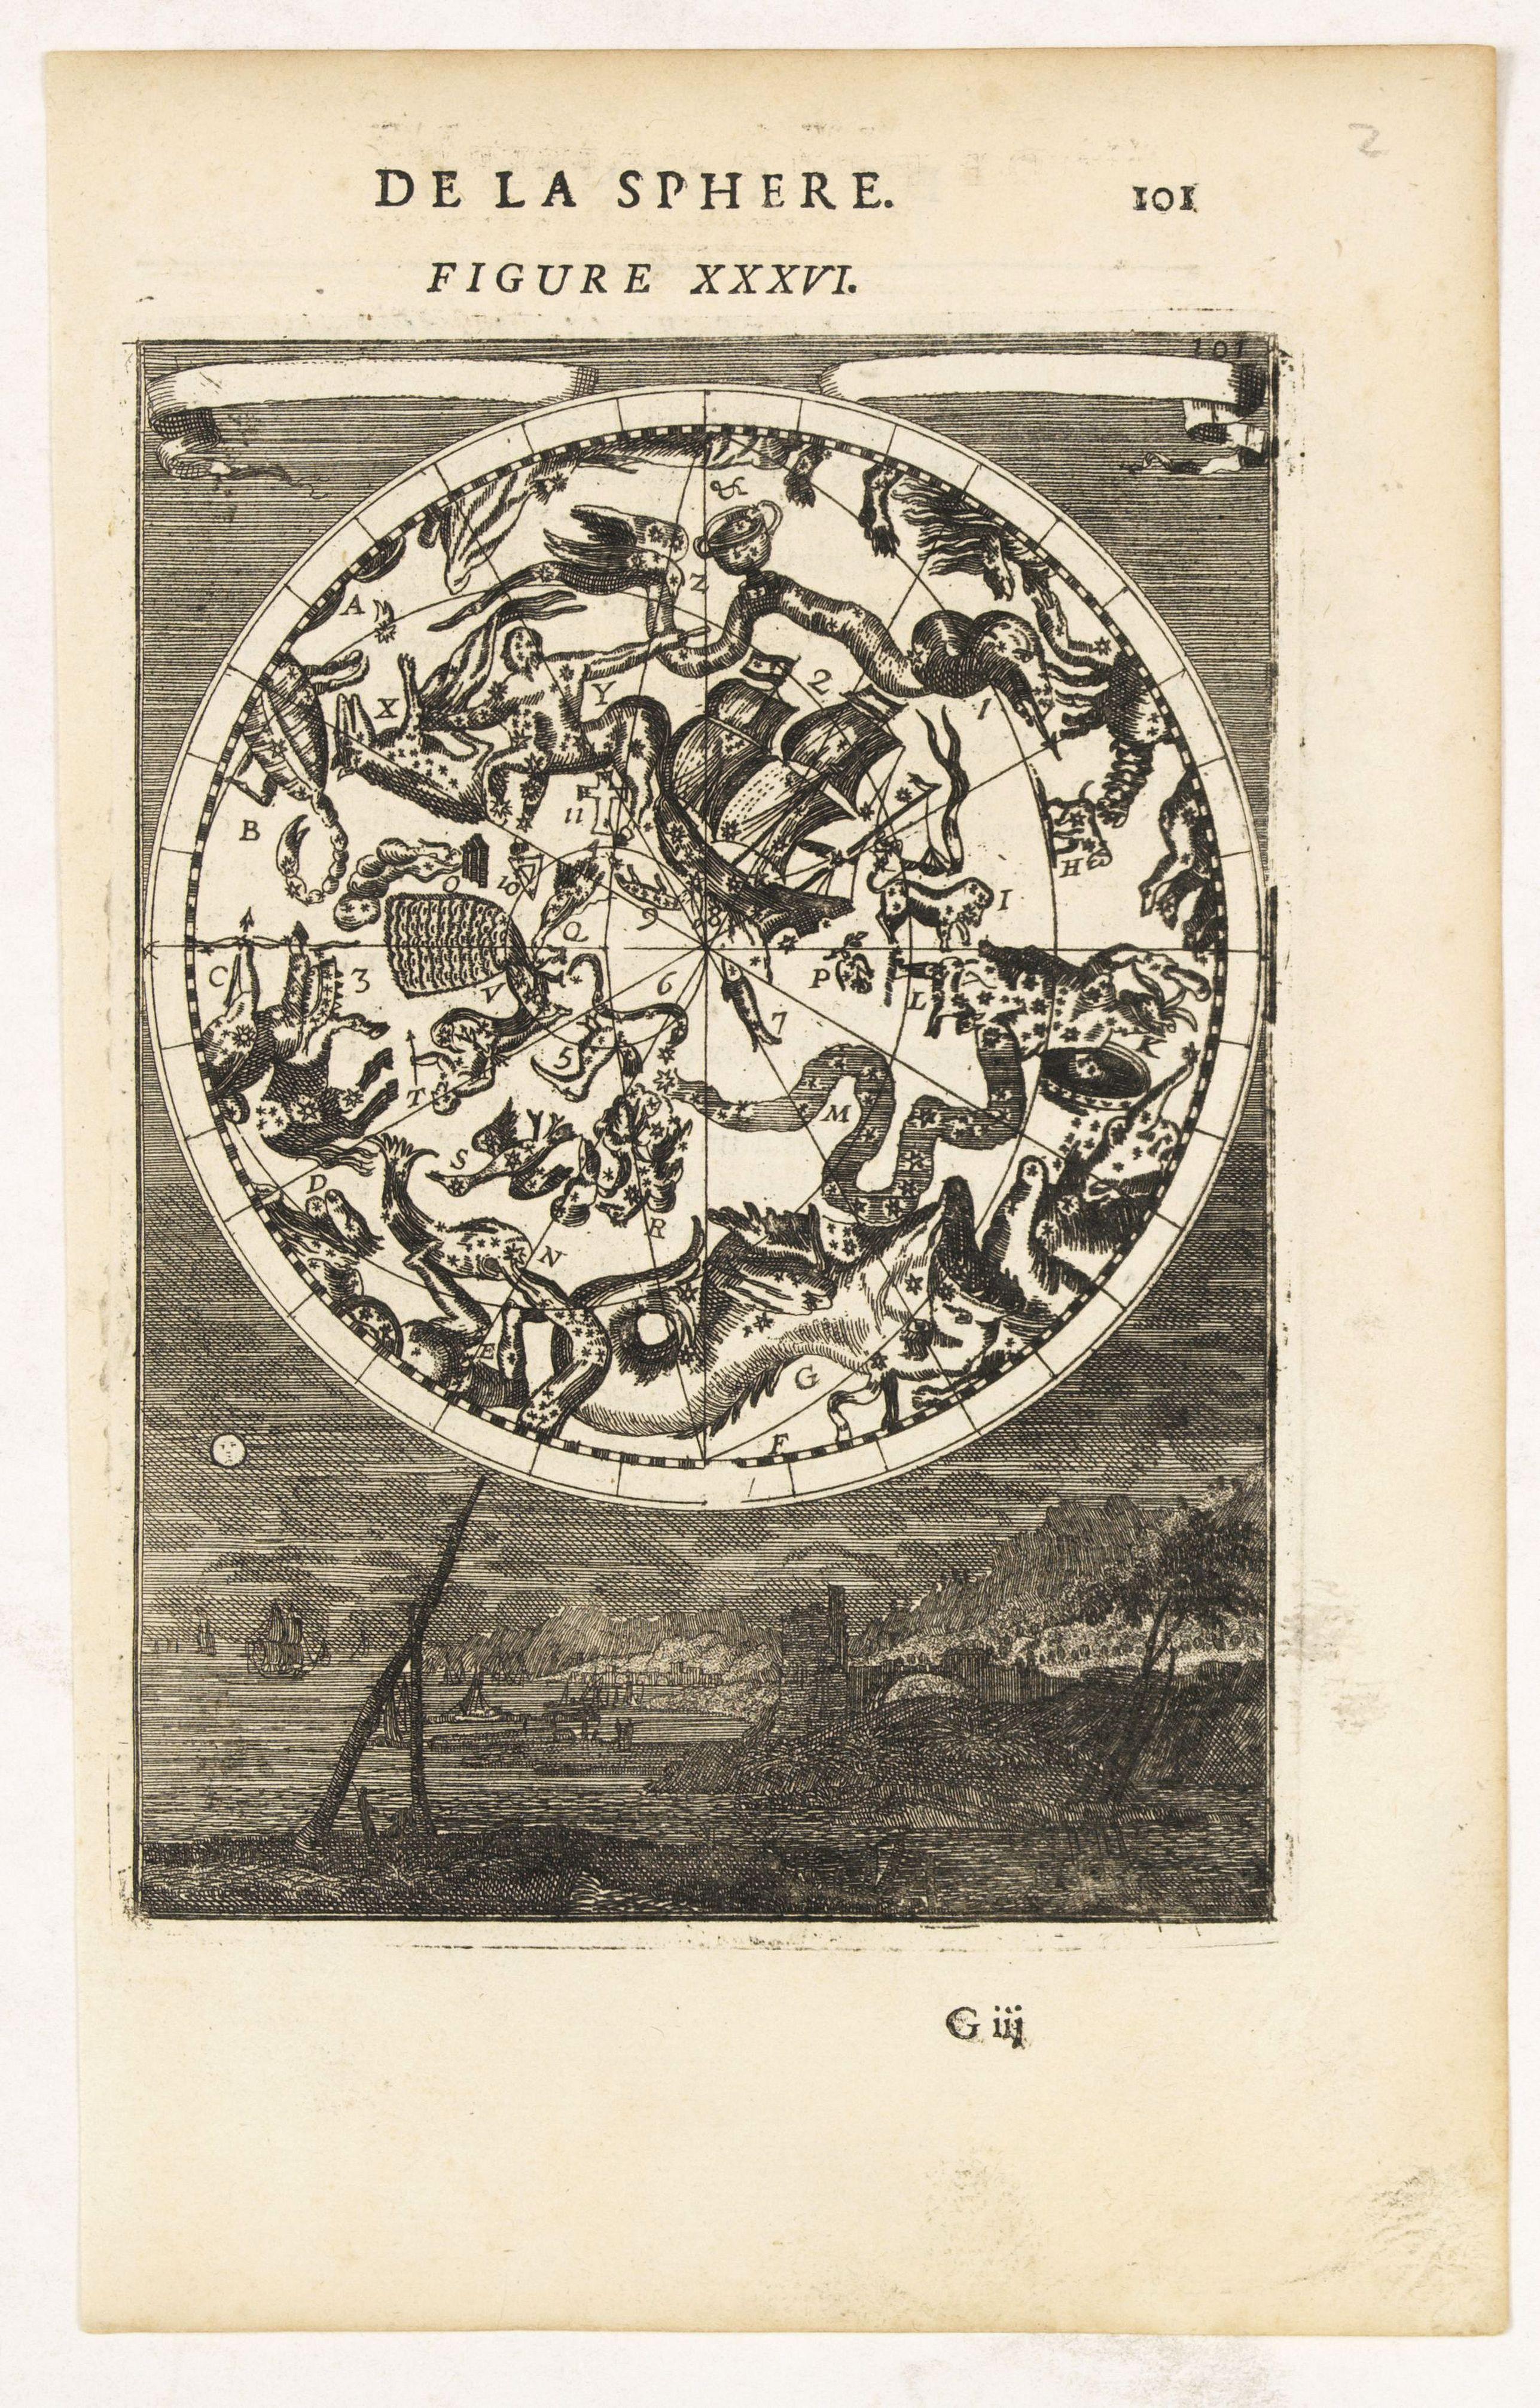 MALLET, A.M. -  DE LA SPHERE. Figure XXXVI.